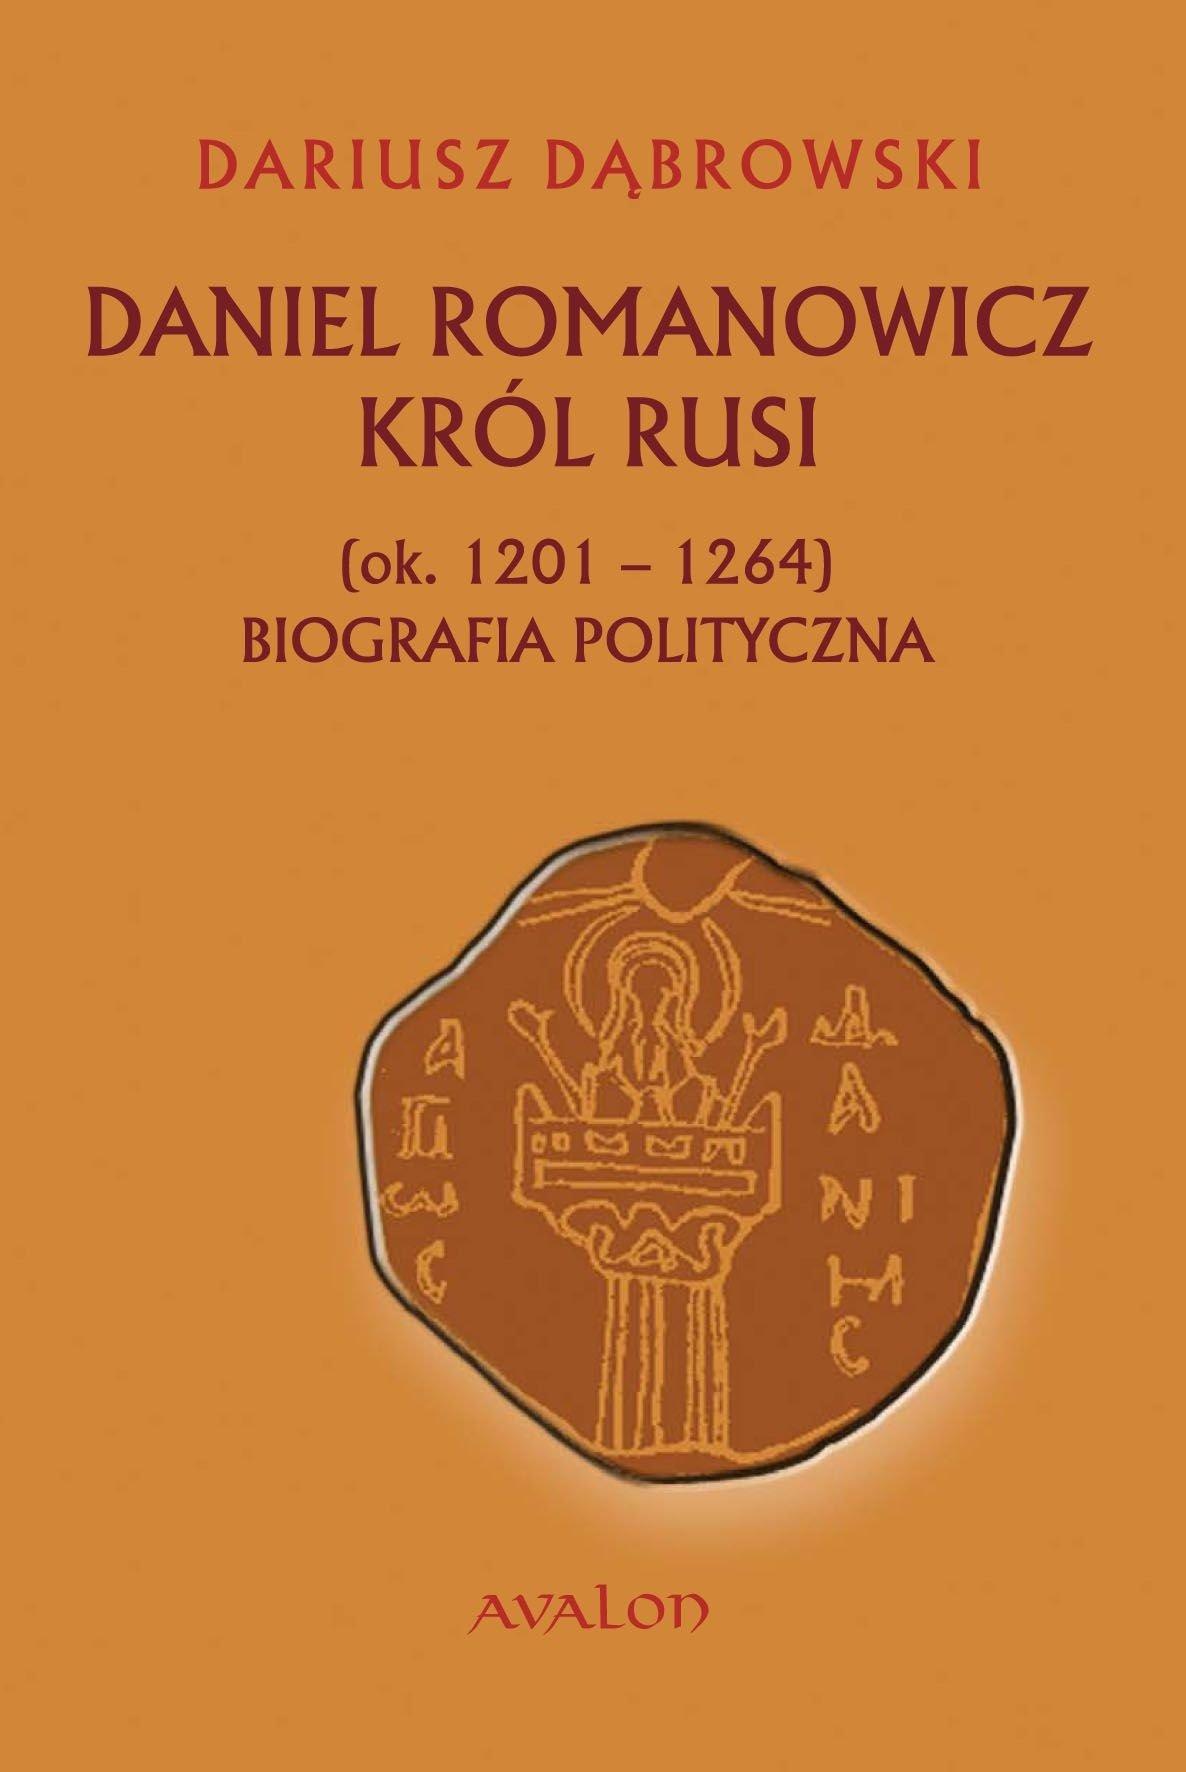 Daniel Romanowicz. Król Rusi (ok. 1201 - 1264). Biografia polityczna - Ebook (Książka PDF) do pobrania w formacie PDF